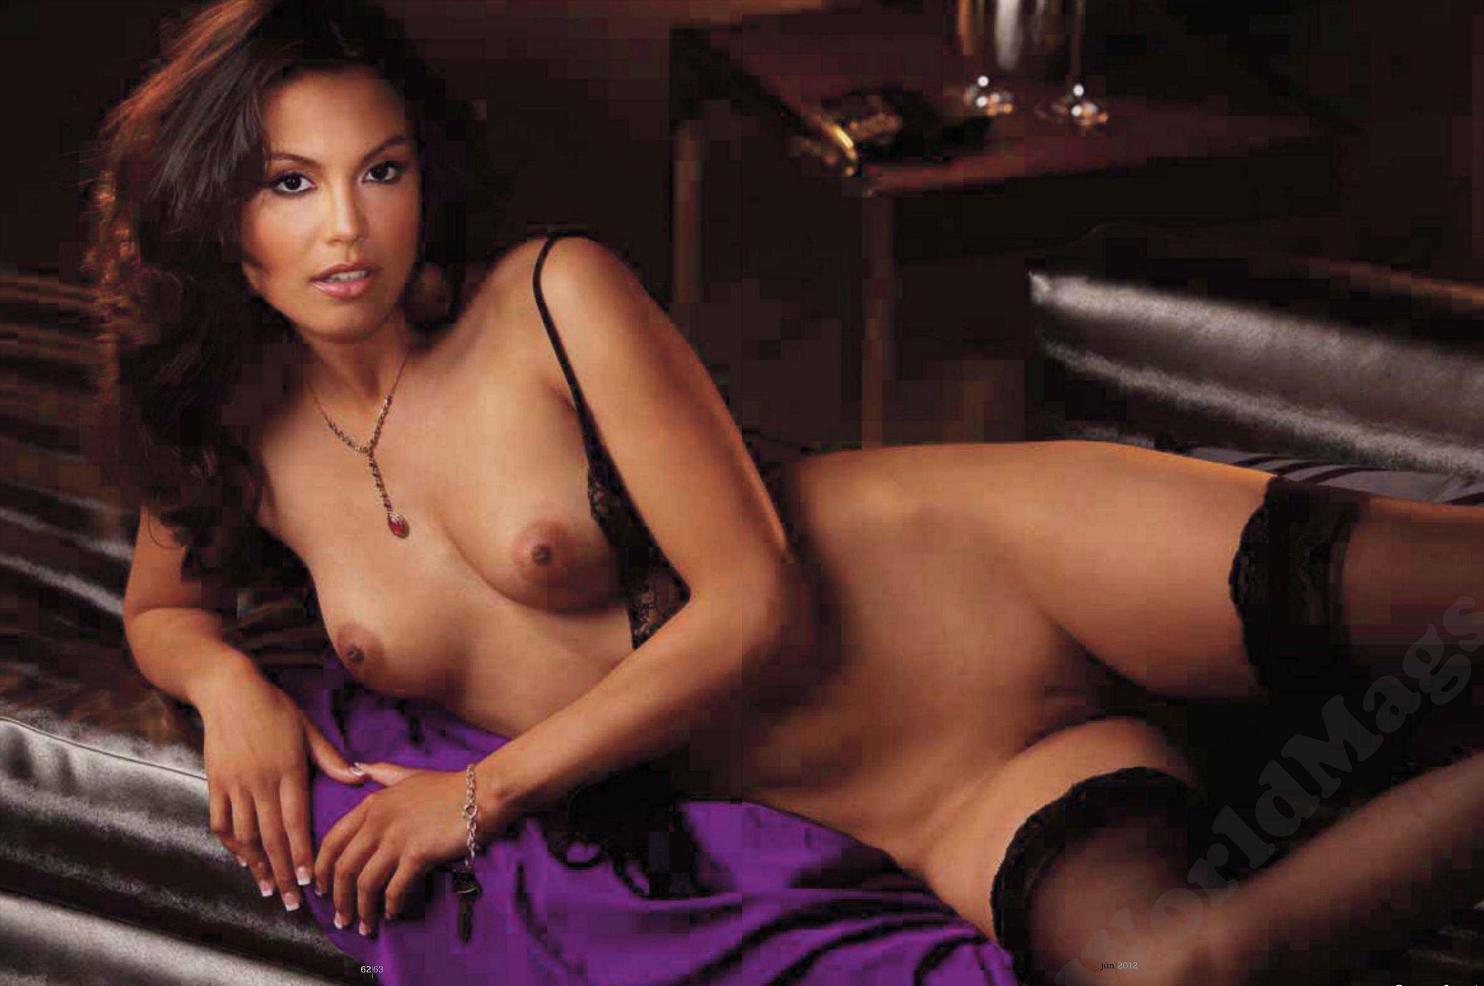 Секс мисс моделям, Секс с Мисс Россия с глубоким двойным проникновением 12 фотография